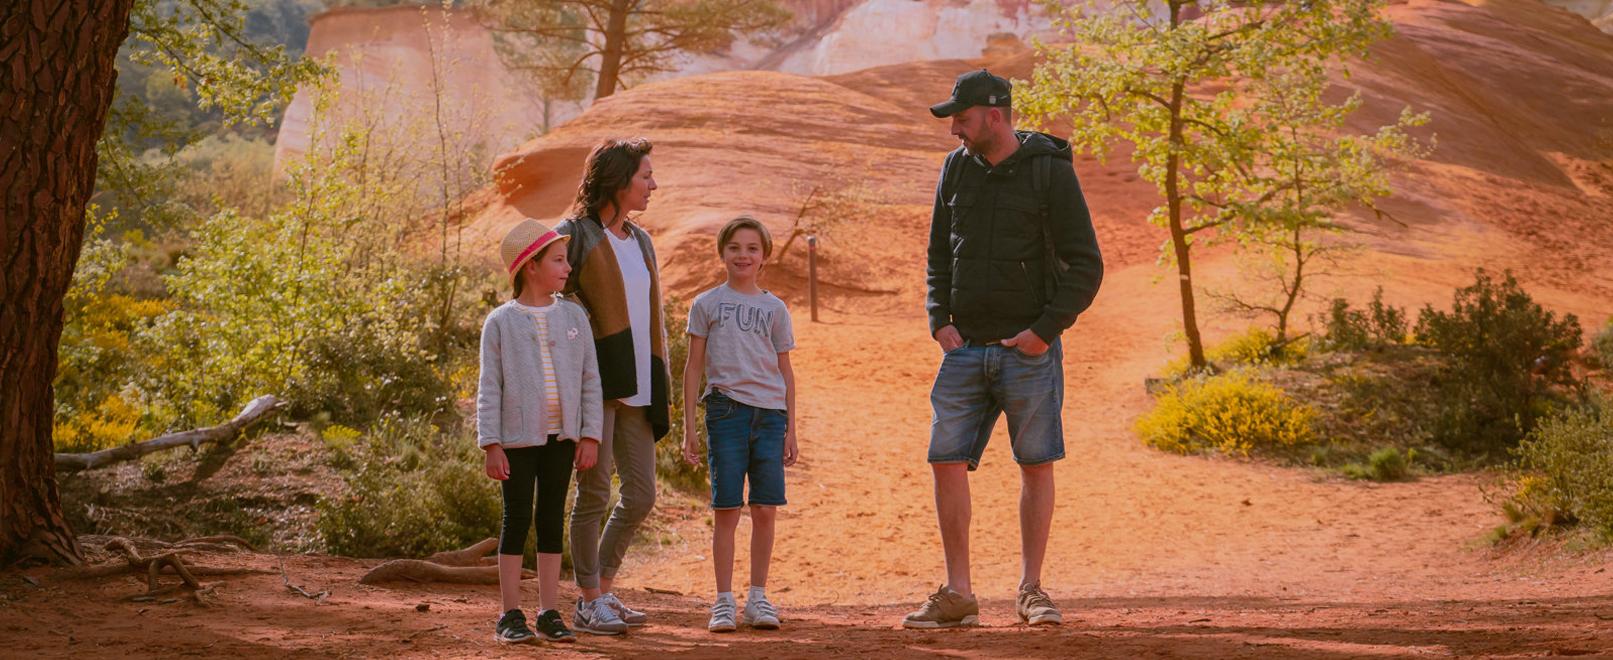 Famille au Colorado Provençal © Planque